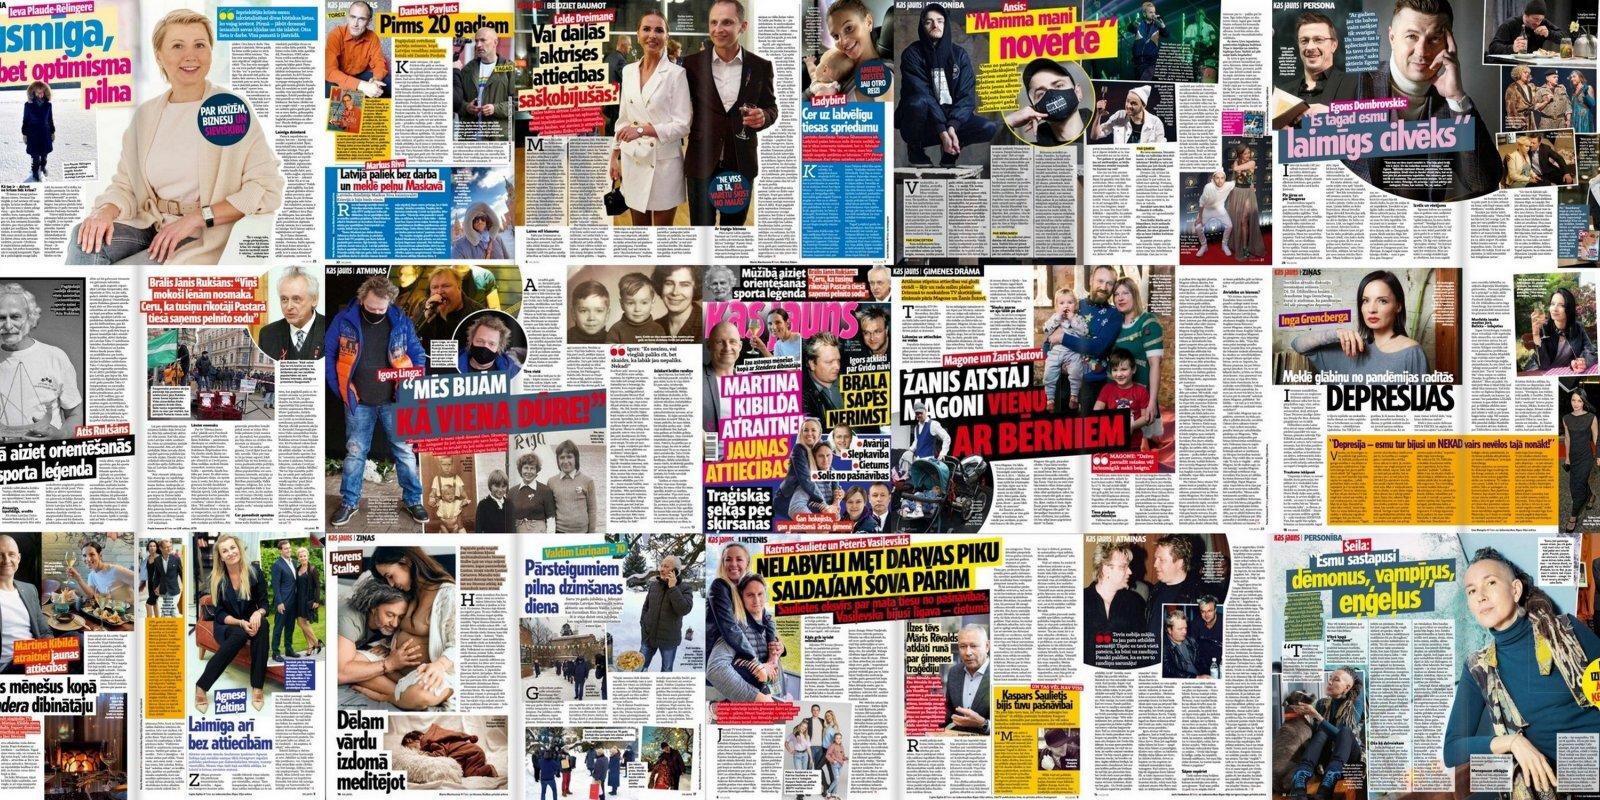 Латыш на заработках в России, ребенок без имени и эволюция Павлютса: о чем пишут латышские таблоиды